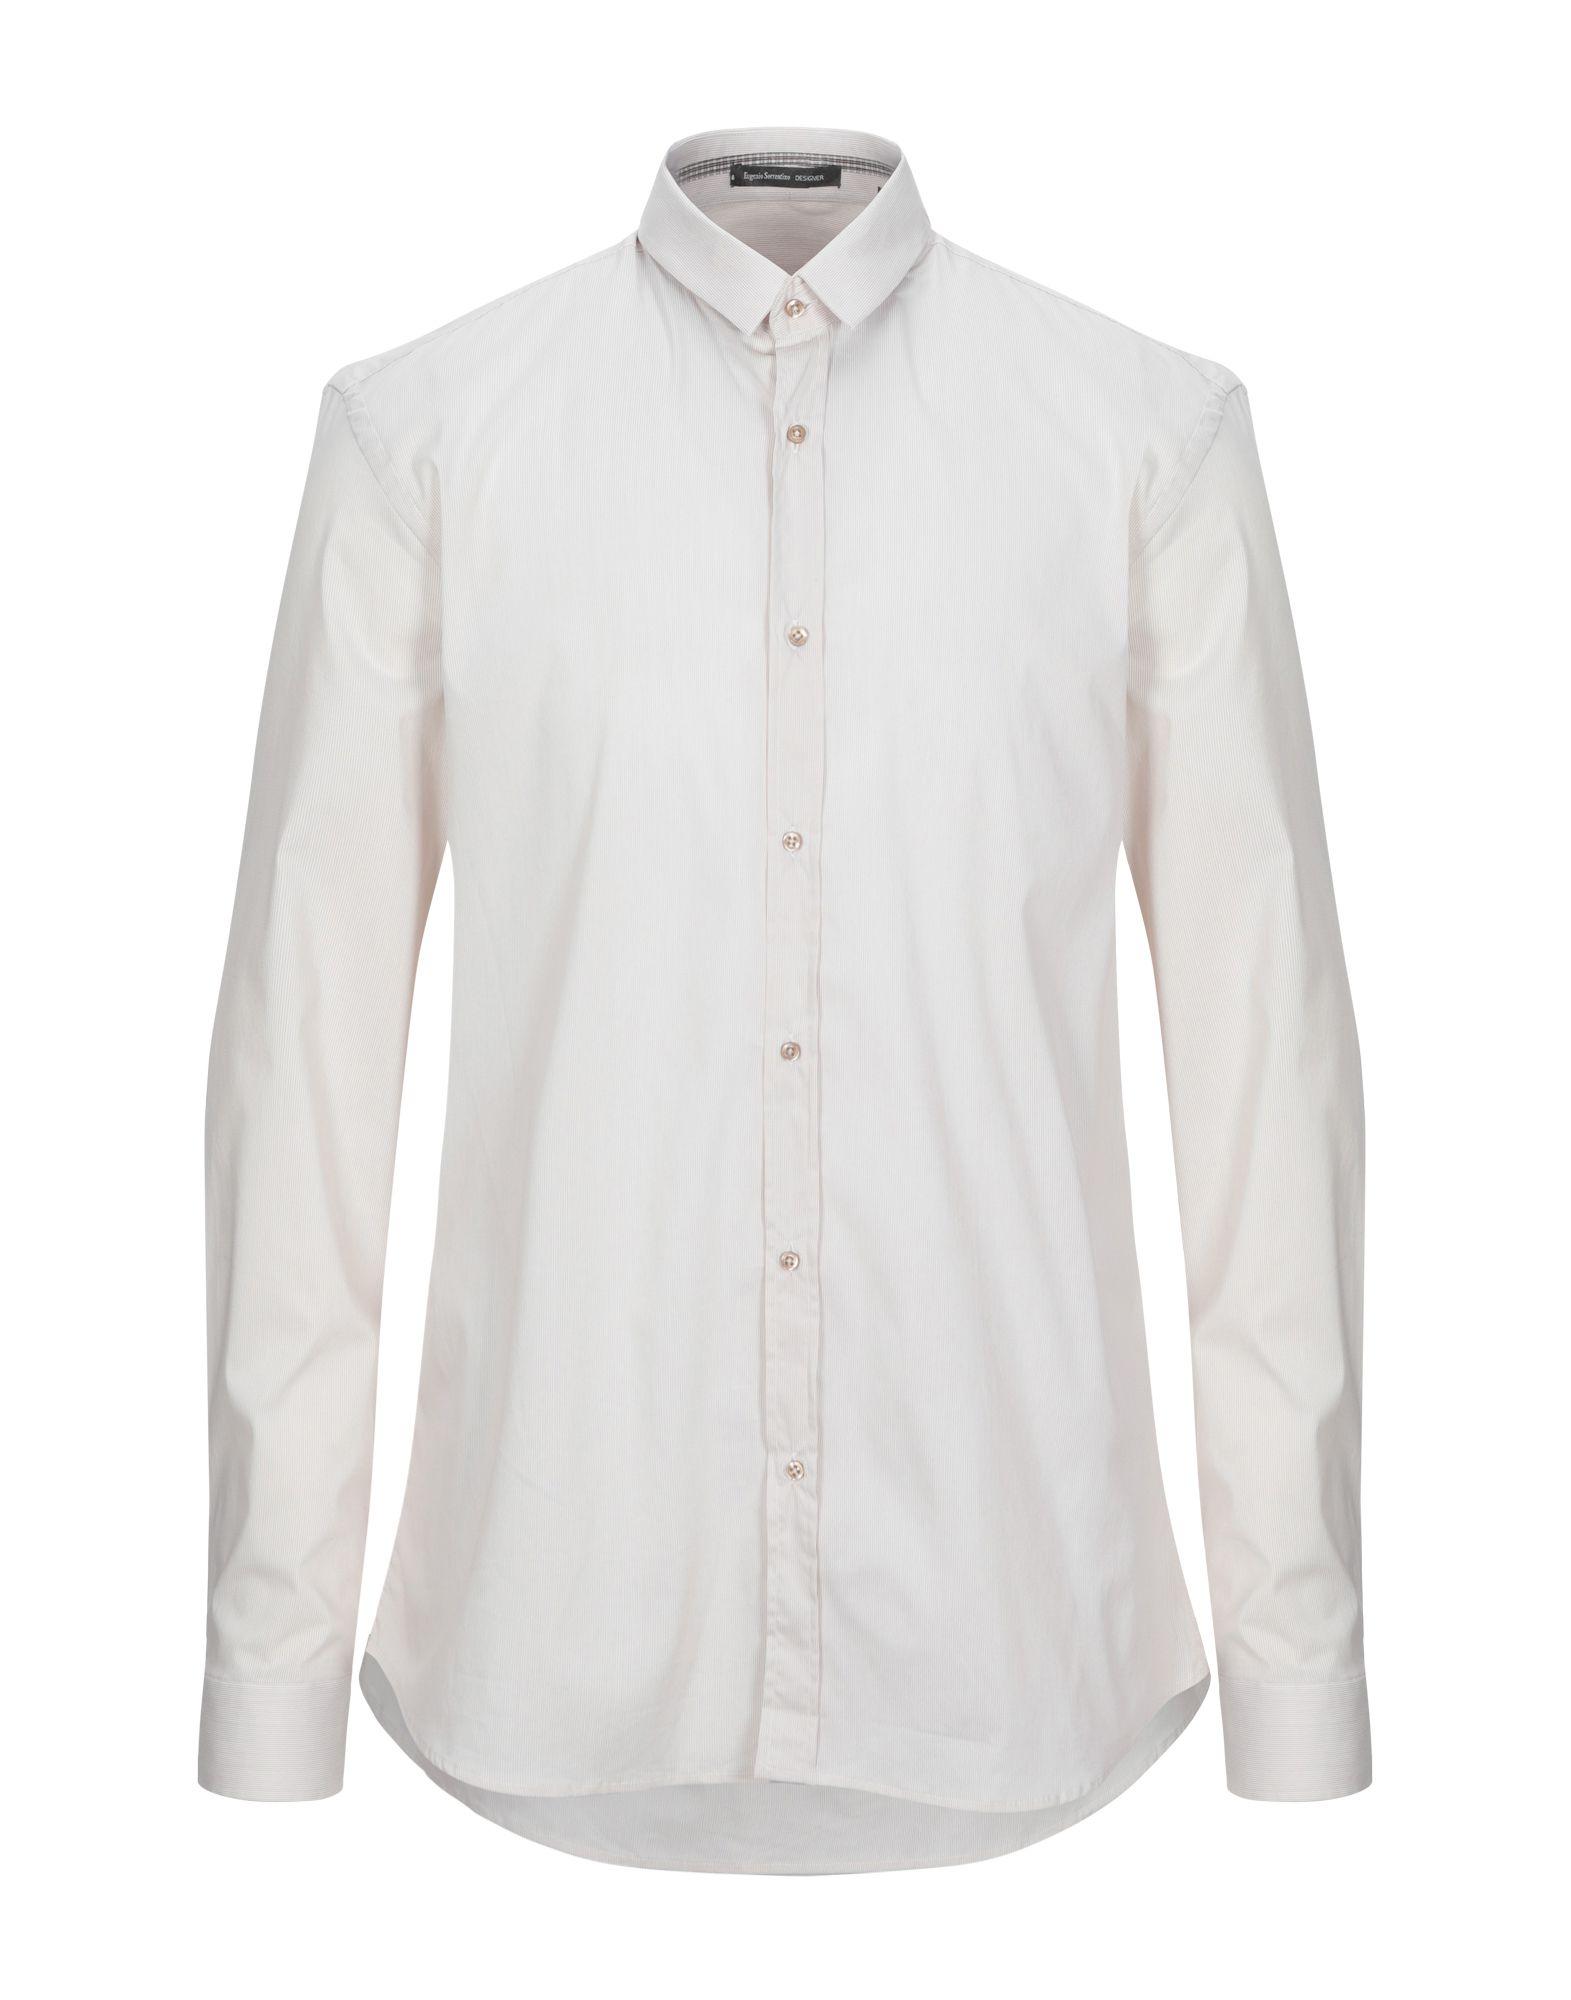 EUGENIO SORRENTINO Pубашка eugenio sorrentino пиджак